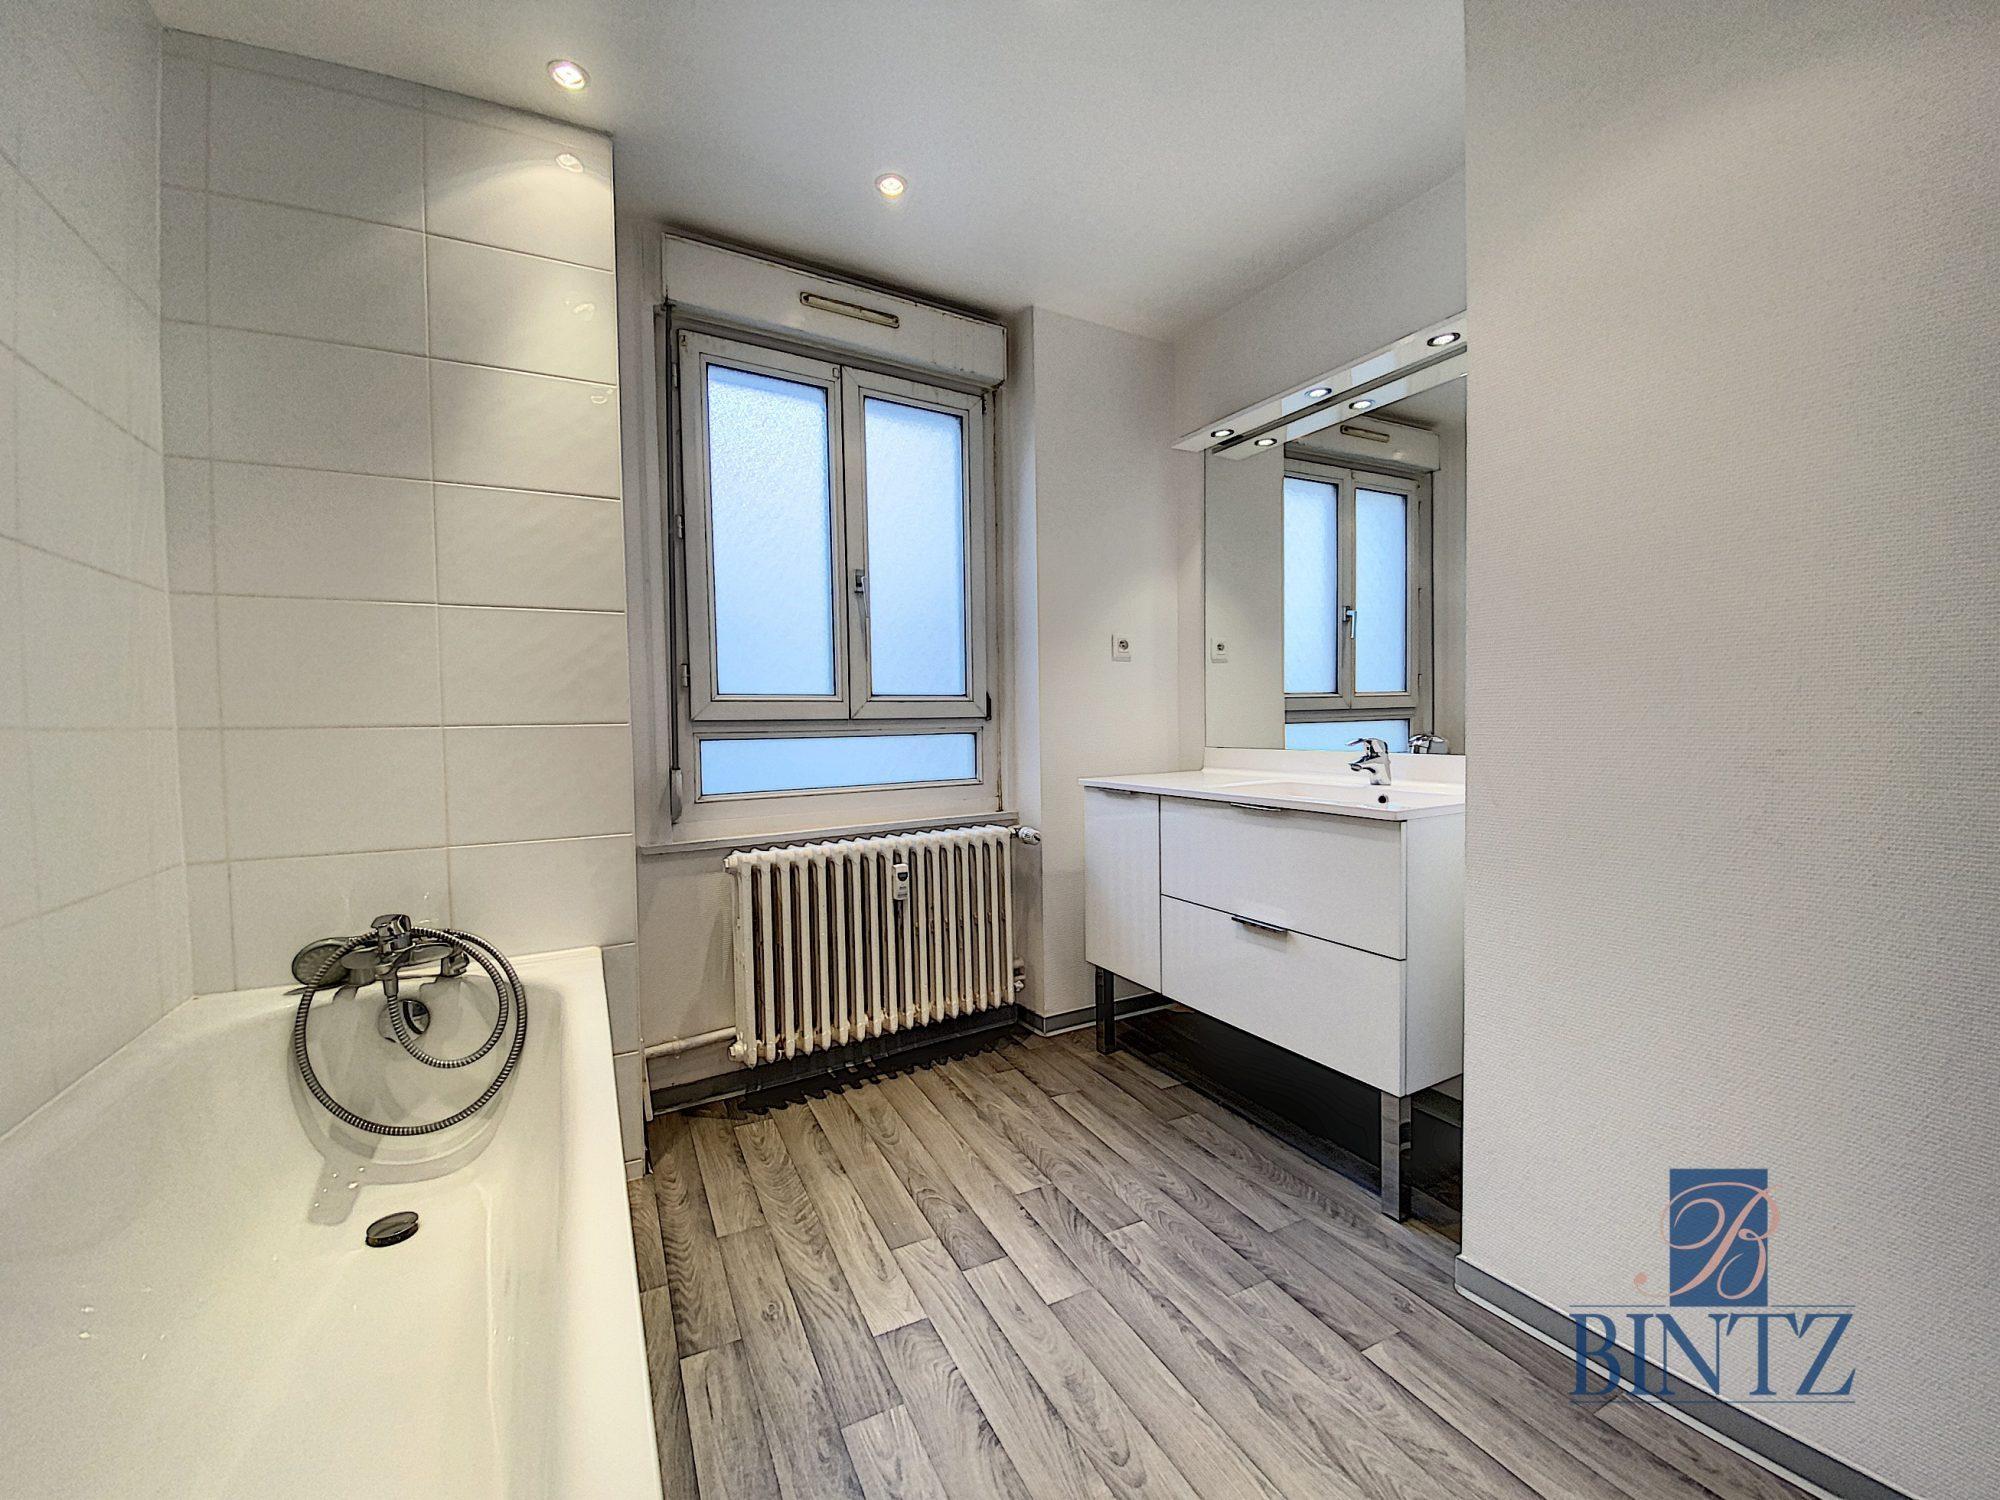 Grand 3 pièces HYPERCENTRE - Devenez locataire en toute sérénité - Bintz Immobilier - 6